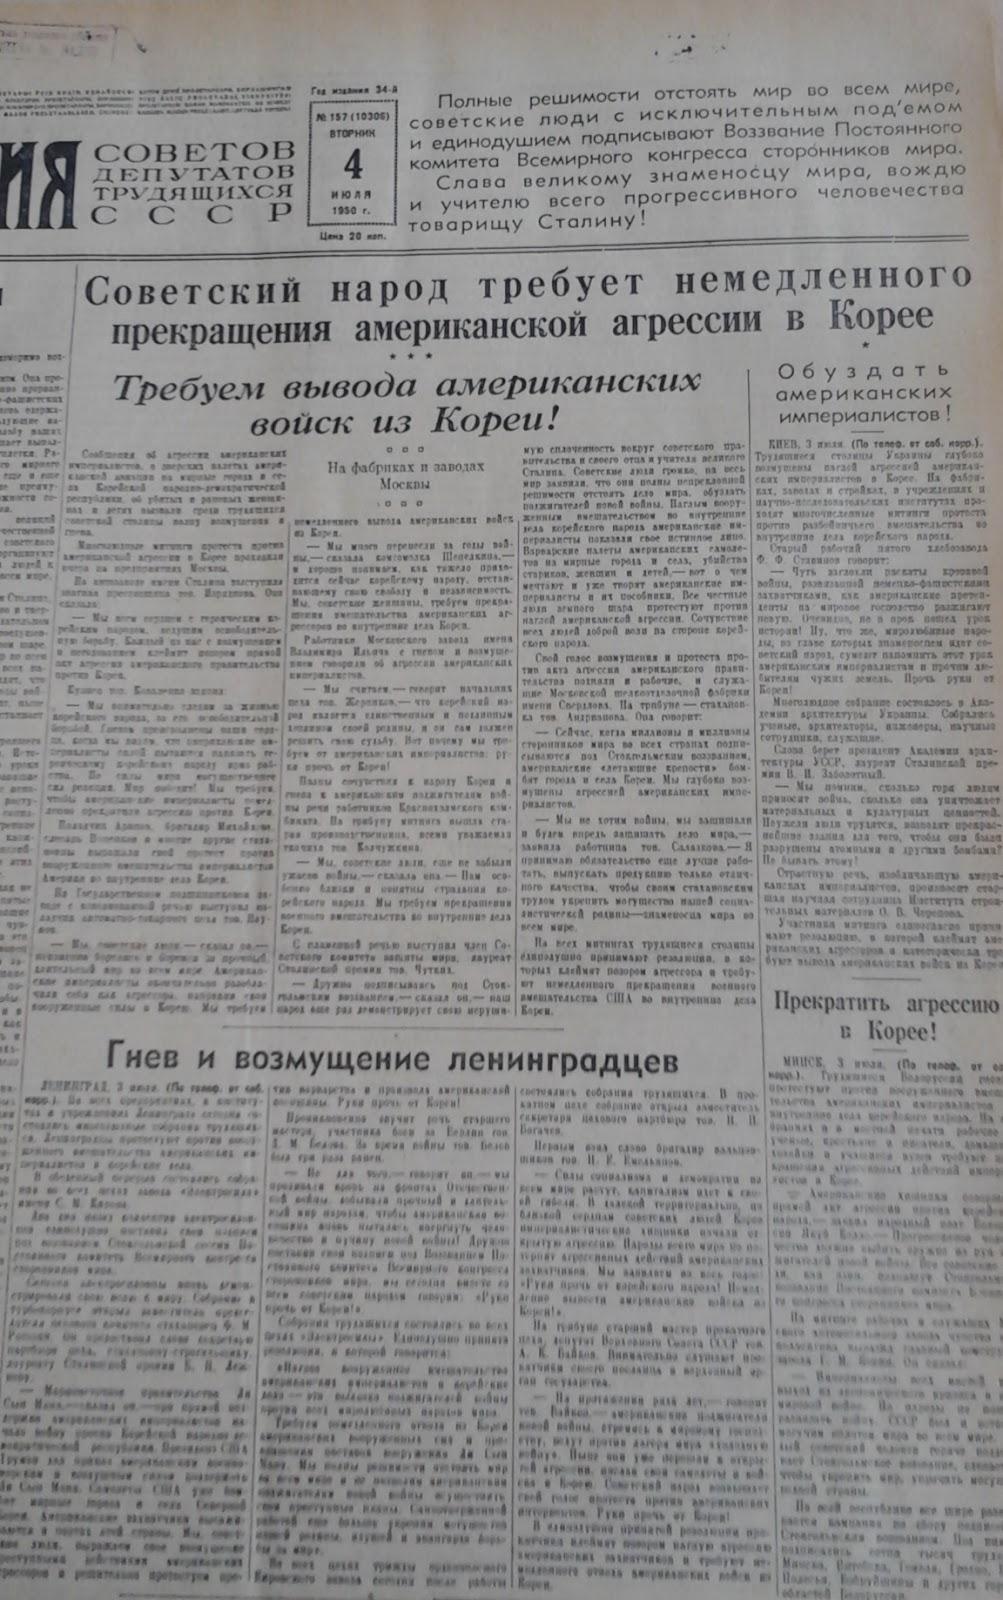 Описание: Газета Известия, 3 июля 1950 год